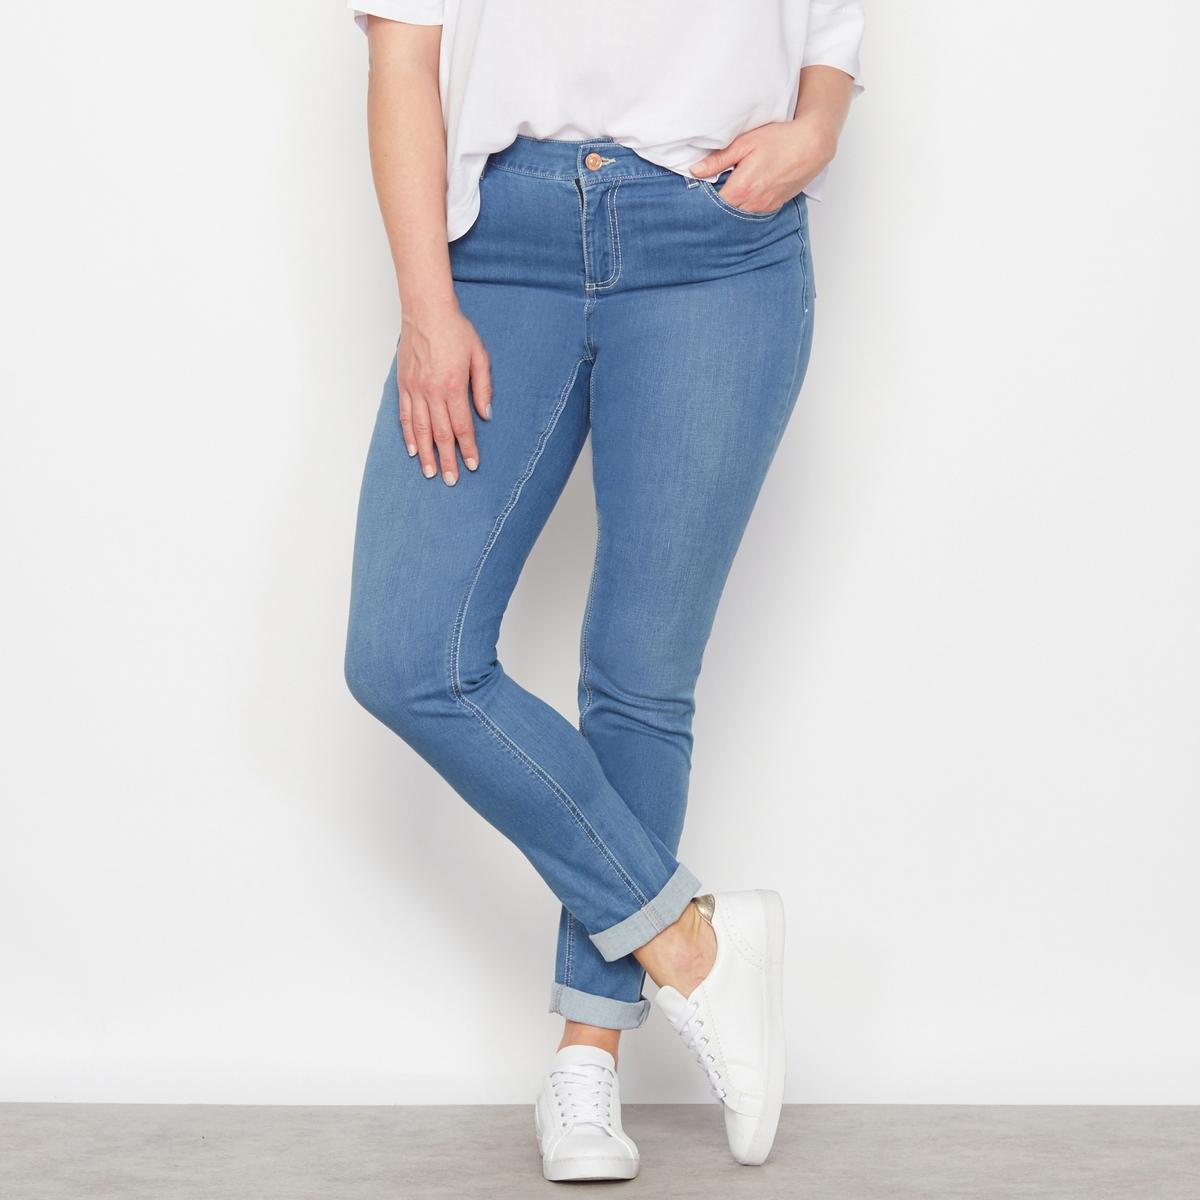 Джинсы-слим, 73 смДжинсы-слим - незаменимый предмет базового гардероба! Эти джинсы-слим легко подойдут к любому образу.Детали •  Узкие •  Стандартная высота поясаСостав и уход •  98% хлопка, 2% эластана •  Температура стирки 40°   •  Сухая чистка и отбеливание запрещены • Барабанная сушка на деликатном режиме     • Средняя температура глажки  Товар из коллекции больших размеров<br><br>Цвет: голубой потертый,темно-синий,черный<br>Размер: 56 (FR) - 62 (RUS).58 (FR) - 64 (RUS).56 (FR) - 62 (RUS)